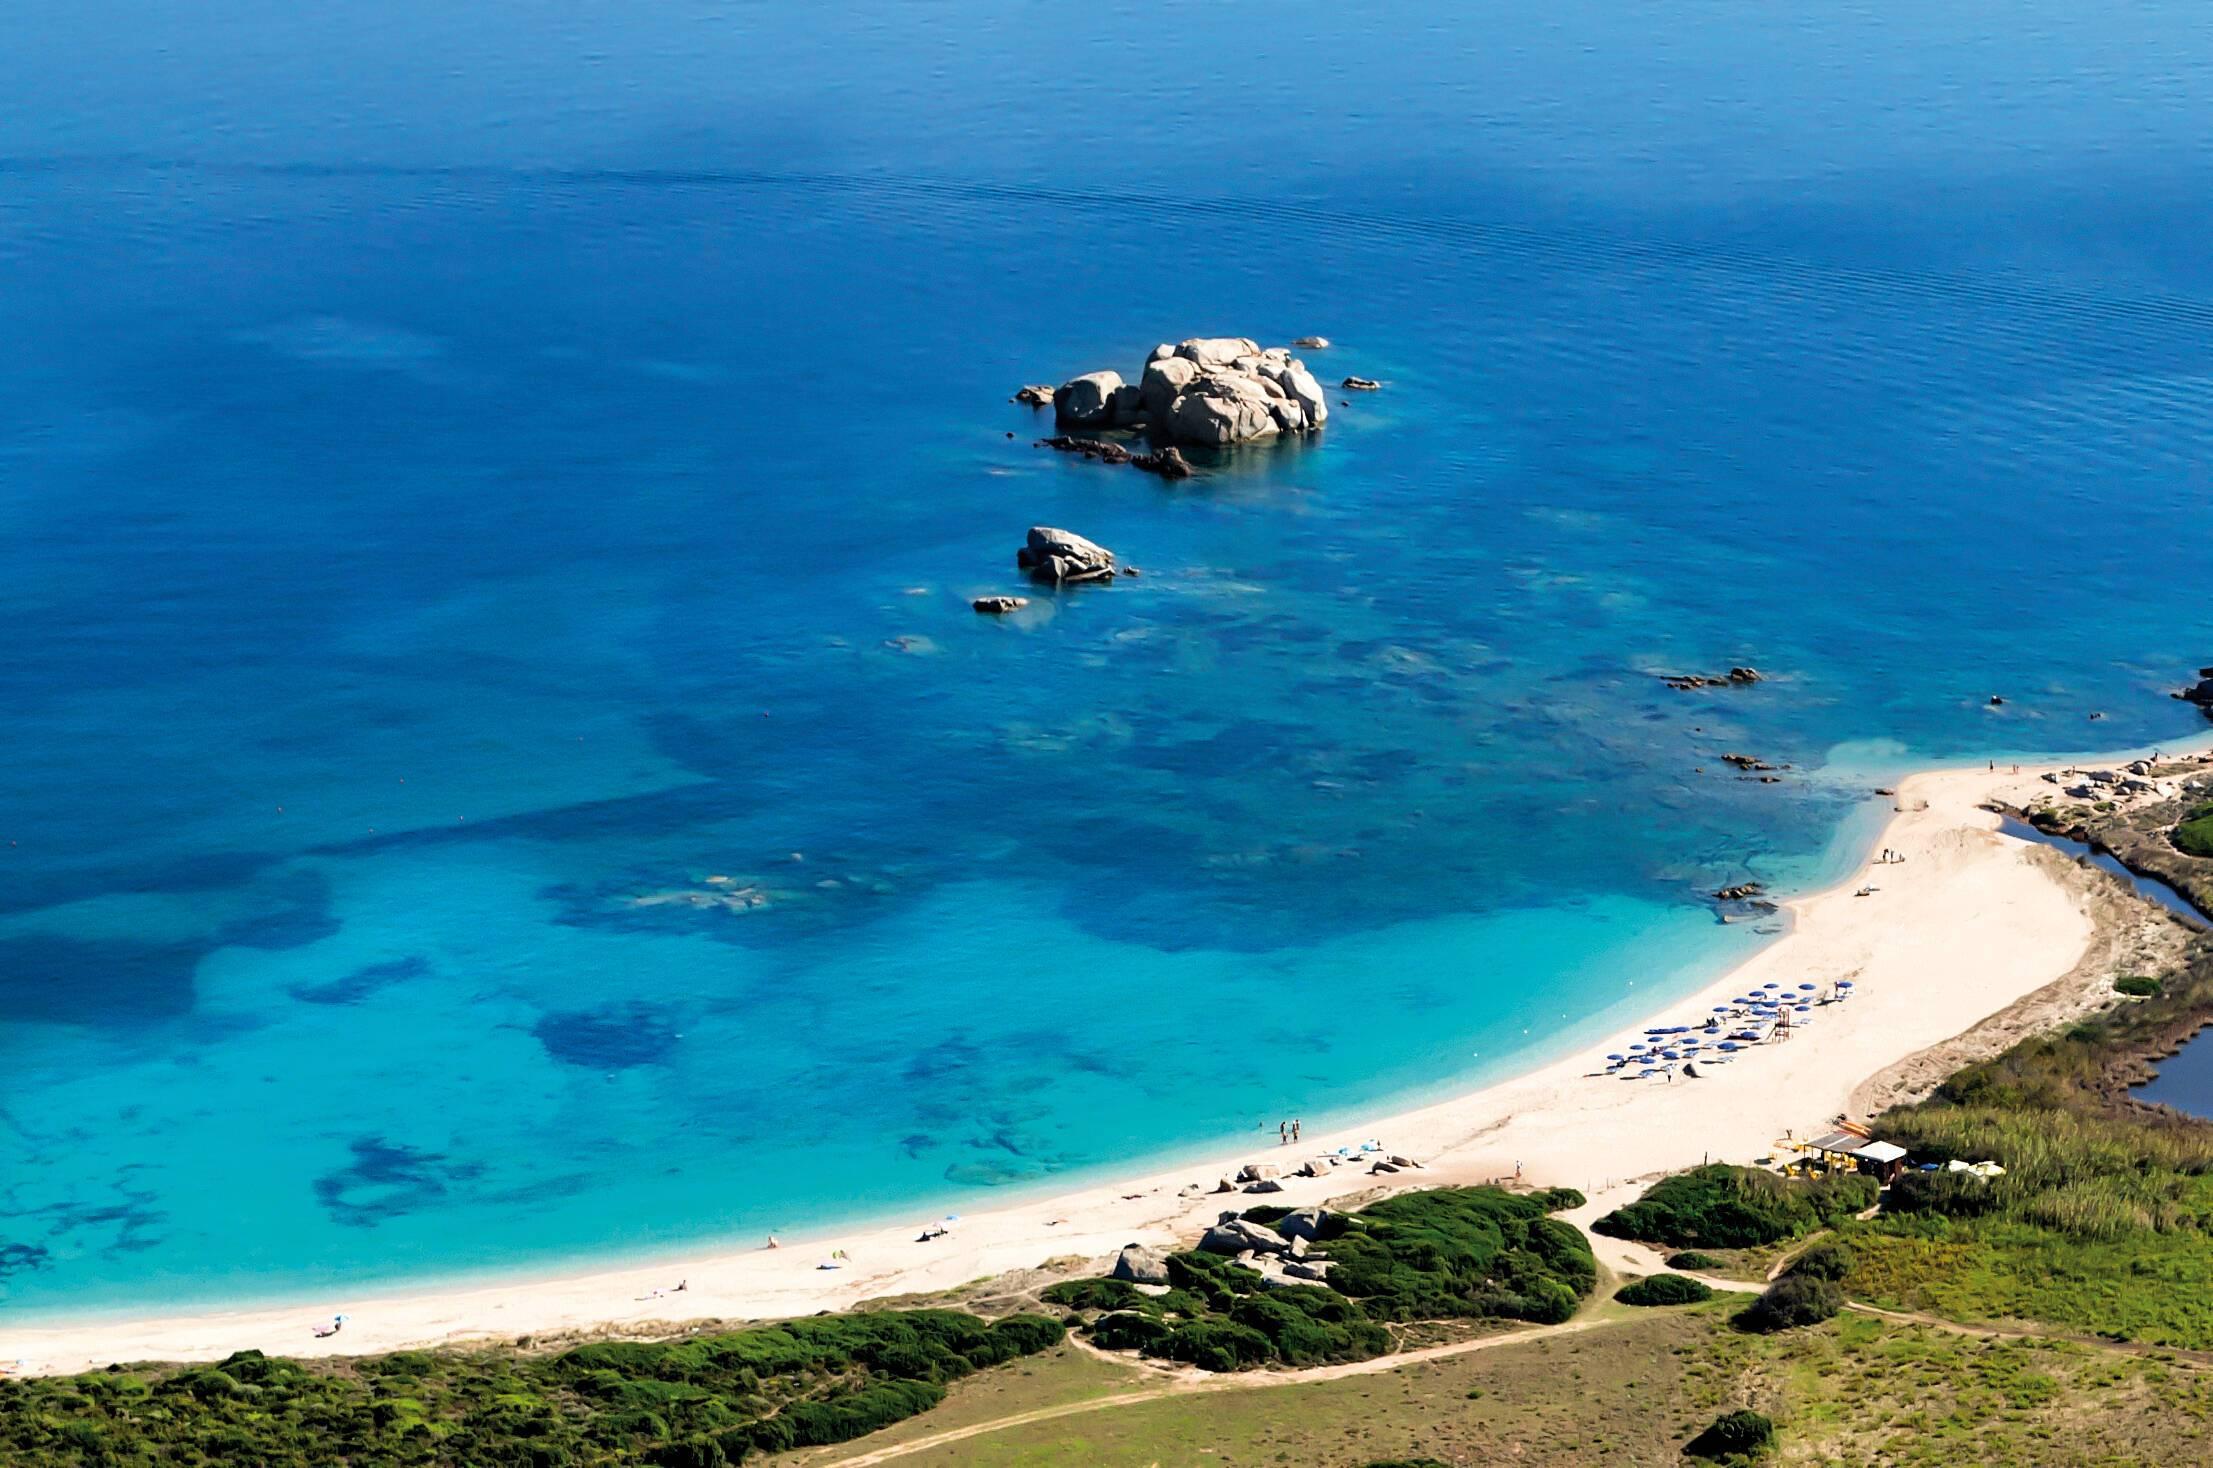 Valle Del Erica Sardaigne licciola plage